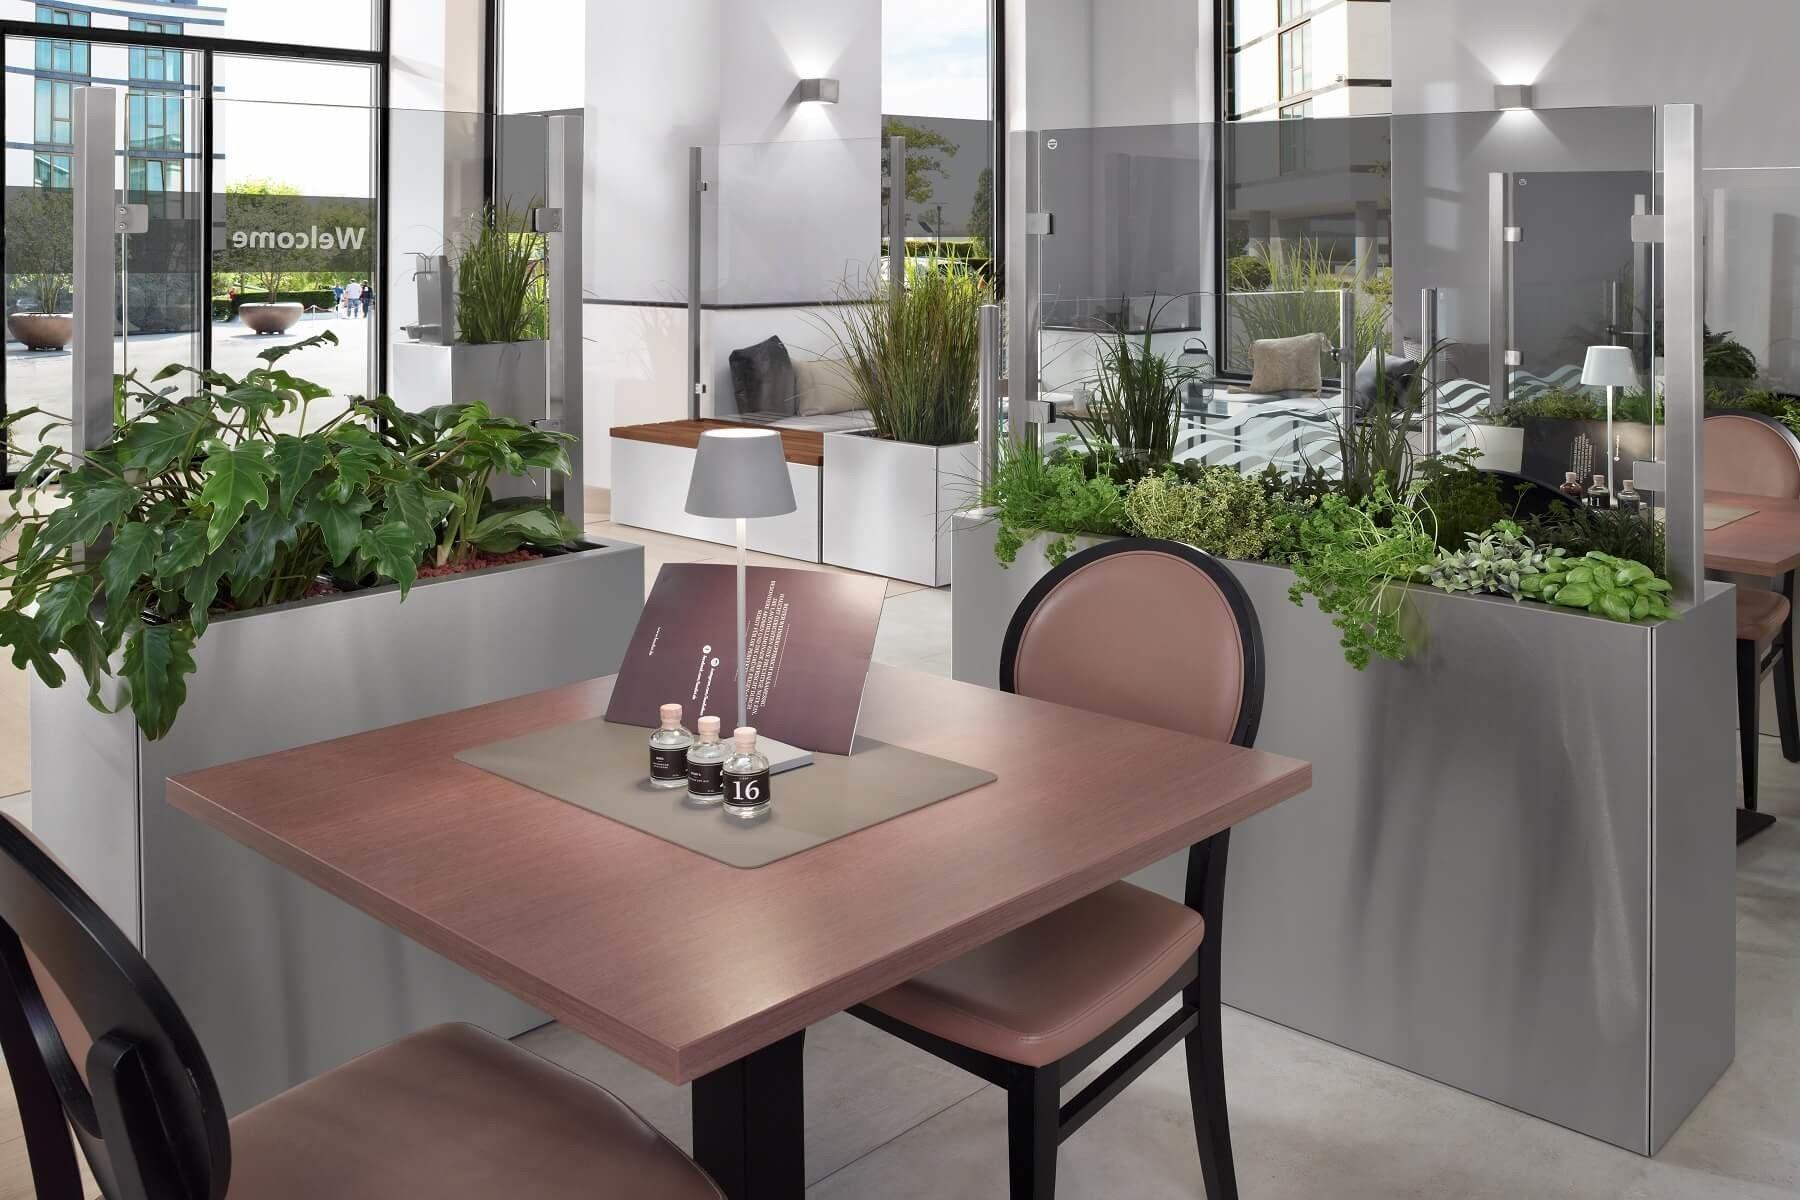 Glastrennwände als Hygienische Abtrennung von Sitzplätzen im Restaurant